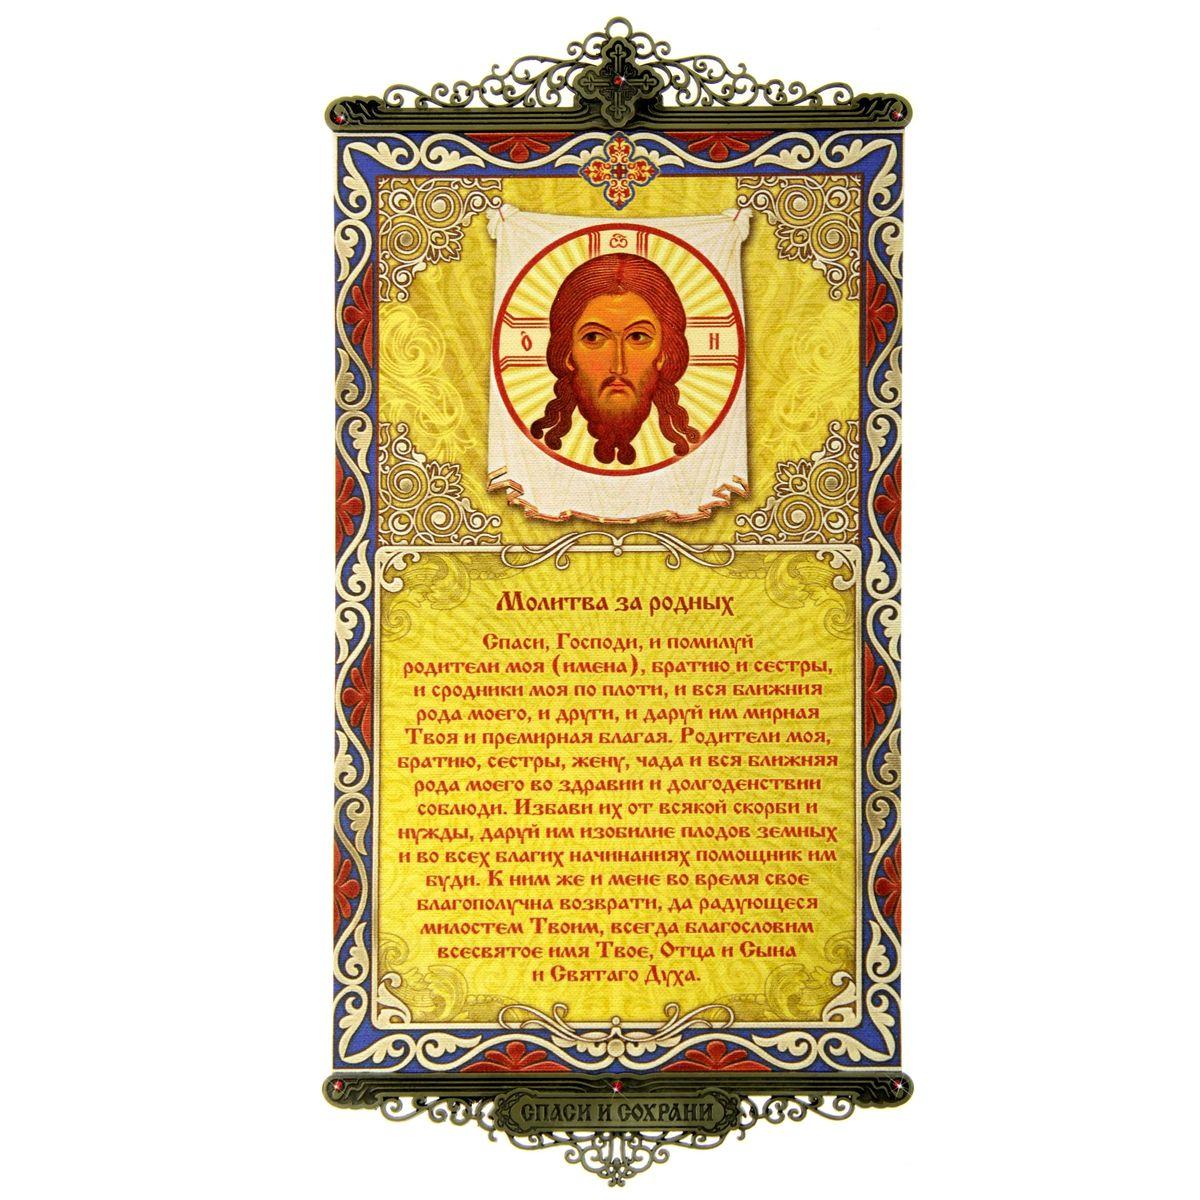 Икона с молитвой Молитва за родных, на подвесах54 009312Икона с молитвой Молитва за родных выполнена из плотного текстиля с нанесенным цветным рисунком, края декорированы ажурными металлическими вставками со стразами. Цветовая гамма и интерьер влияют на настроение каждого, именно поэтому так важны детали, которые нас окружают. Знатоки интерьерных решений стараются применять самые разнообразные решения при художественном оформлении внутреннего пространства и использовать все возможные материалы. Икона с молитвой на подвесах - это хорошее решение для интерьера по выгодной цене!